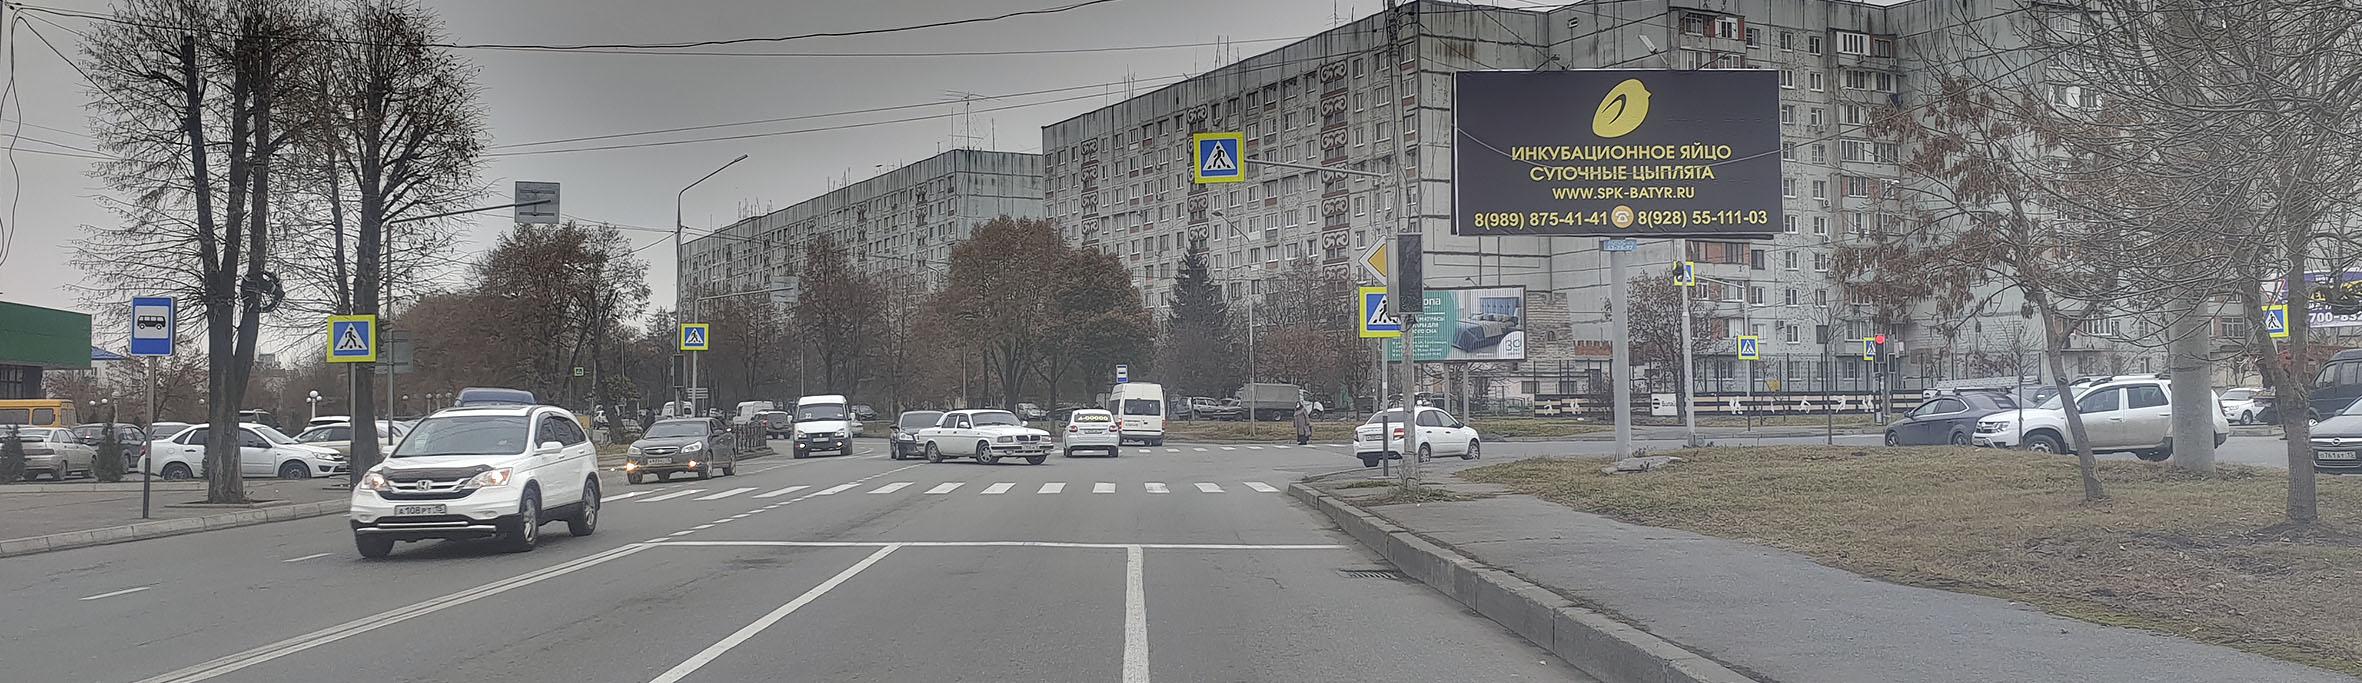 Реклама на билбордах в регионах Северного Кавказа щиты